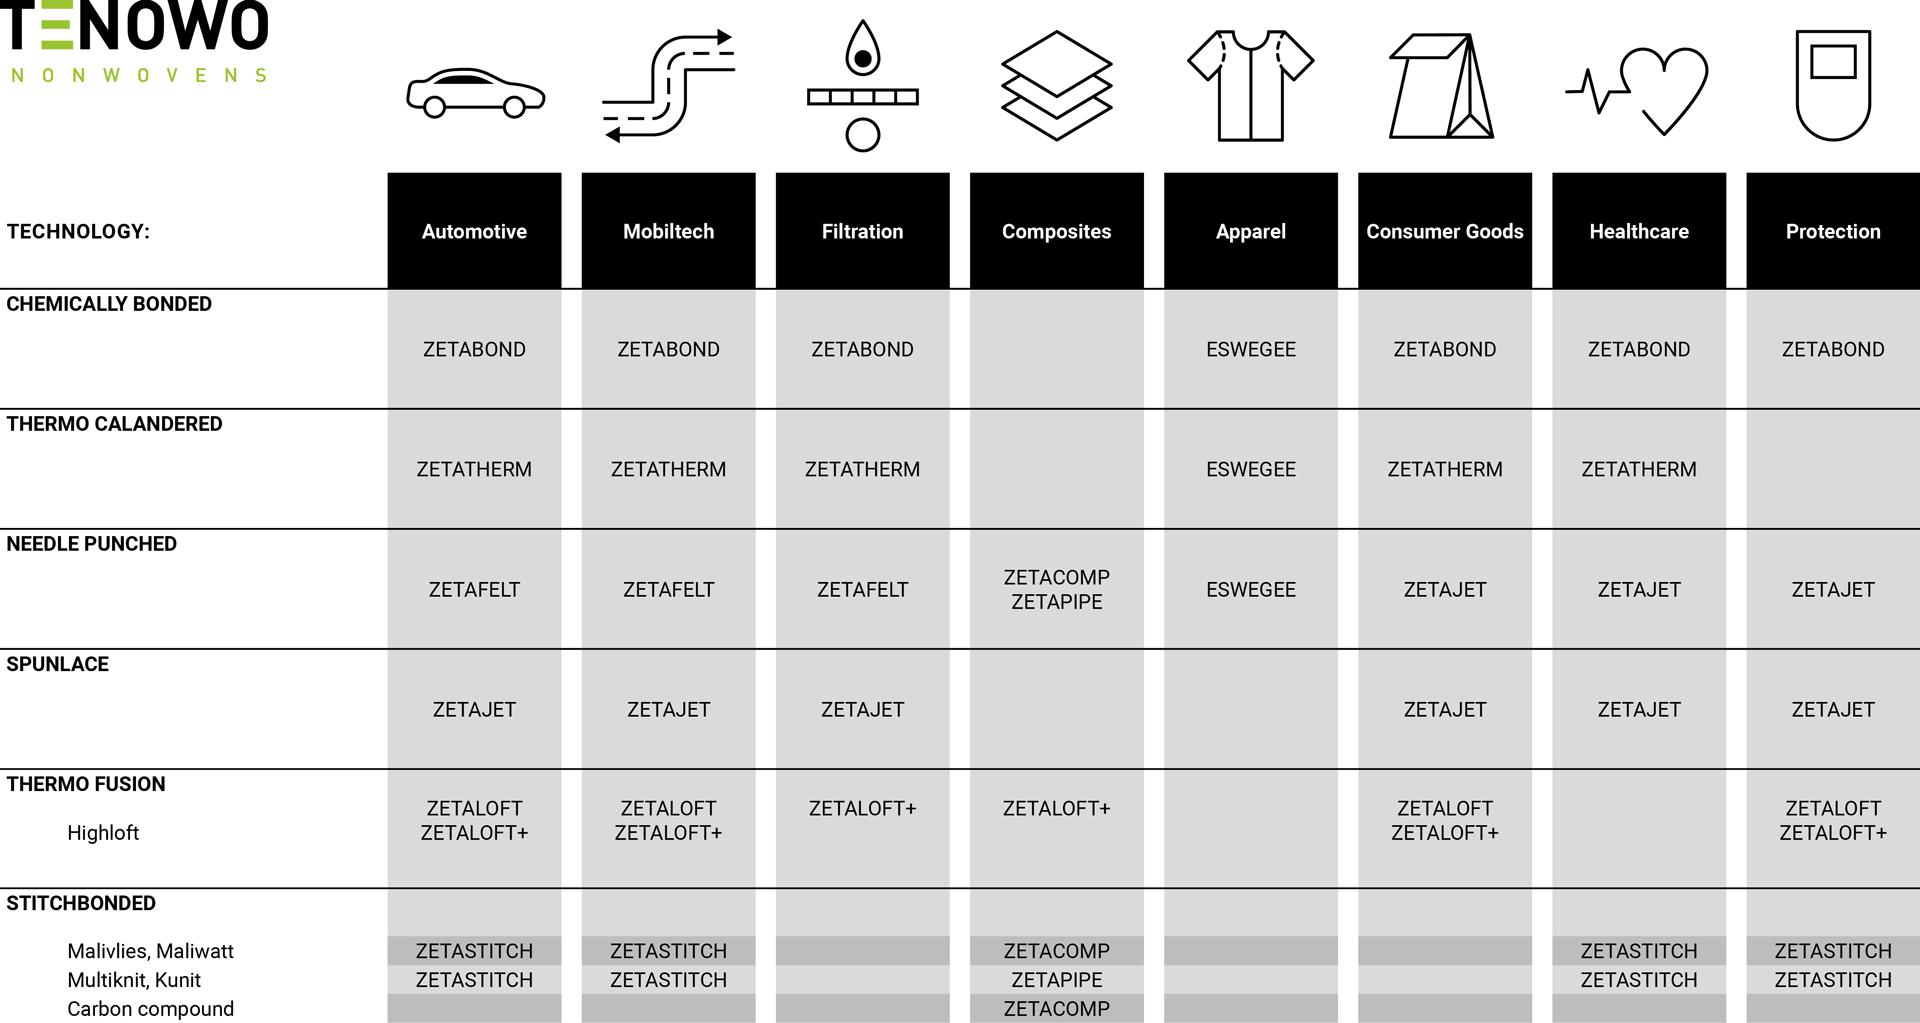 TENOWO-Technologien-MATRIX-mit-BUs-Übersicht-Tabelle